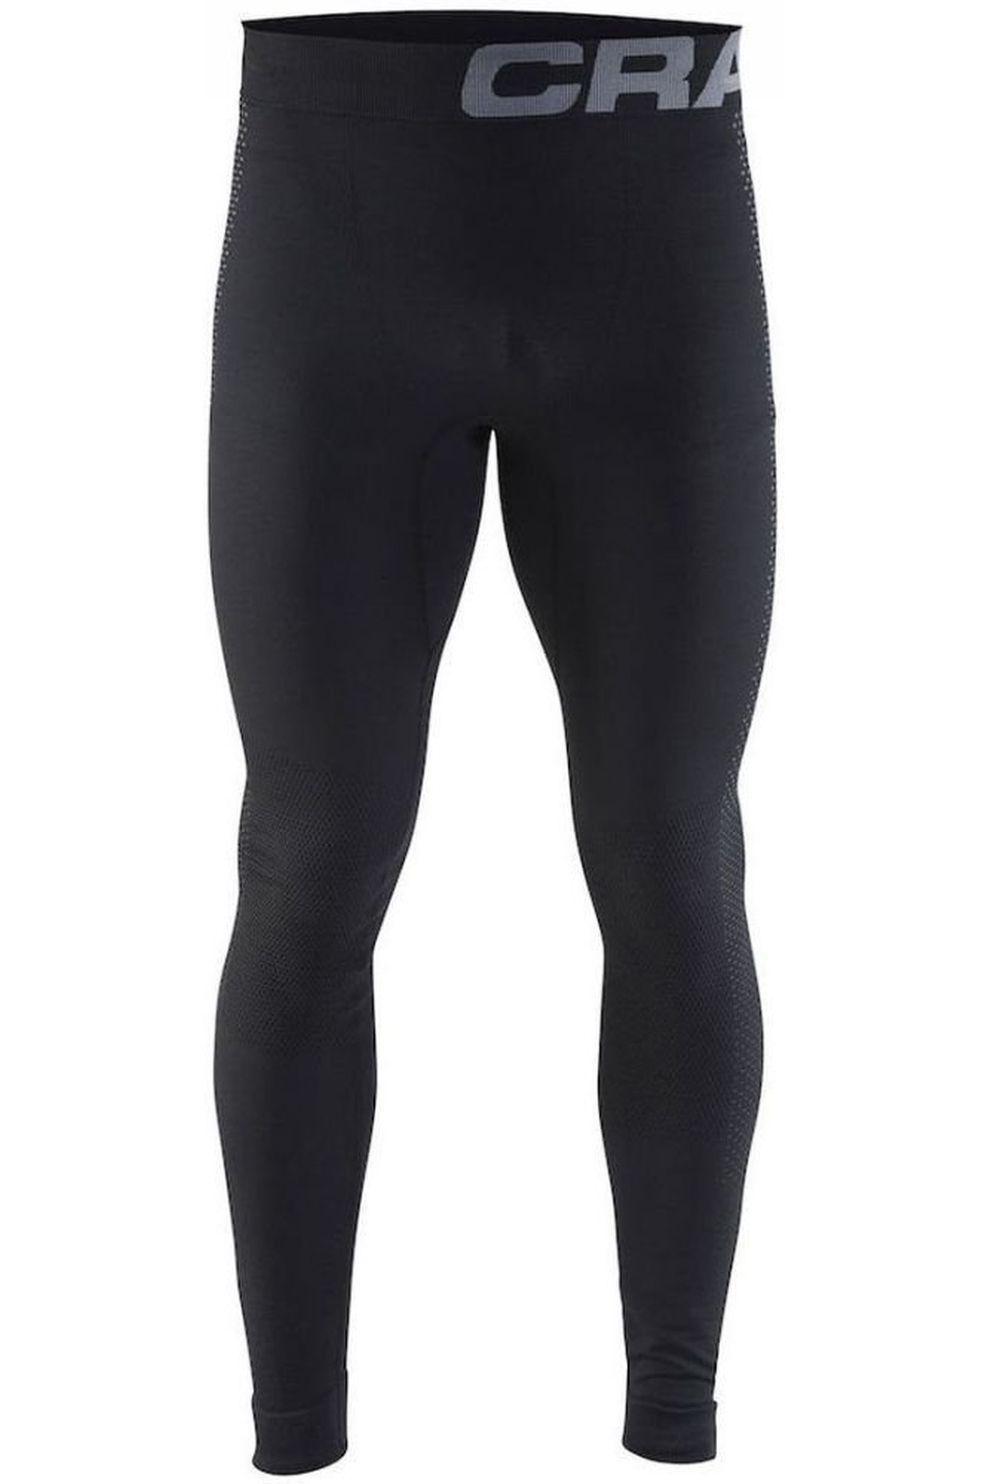 Craft Ondergoed Warm Intensity Pants voor heren - Zwart - Maten: XS, S, M, L, XL, XXL